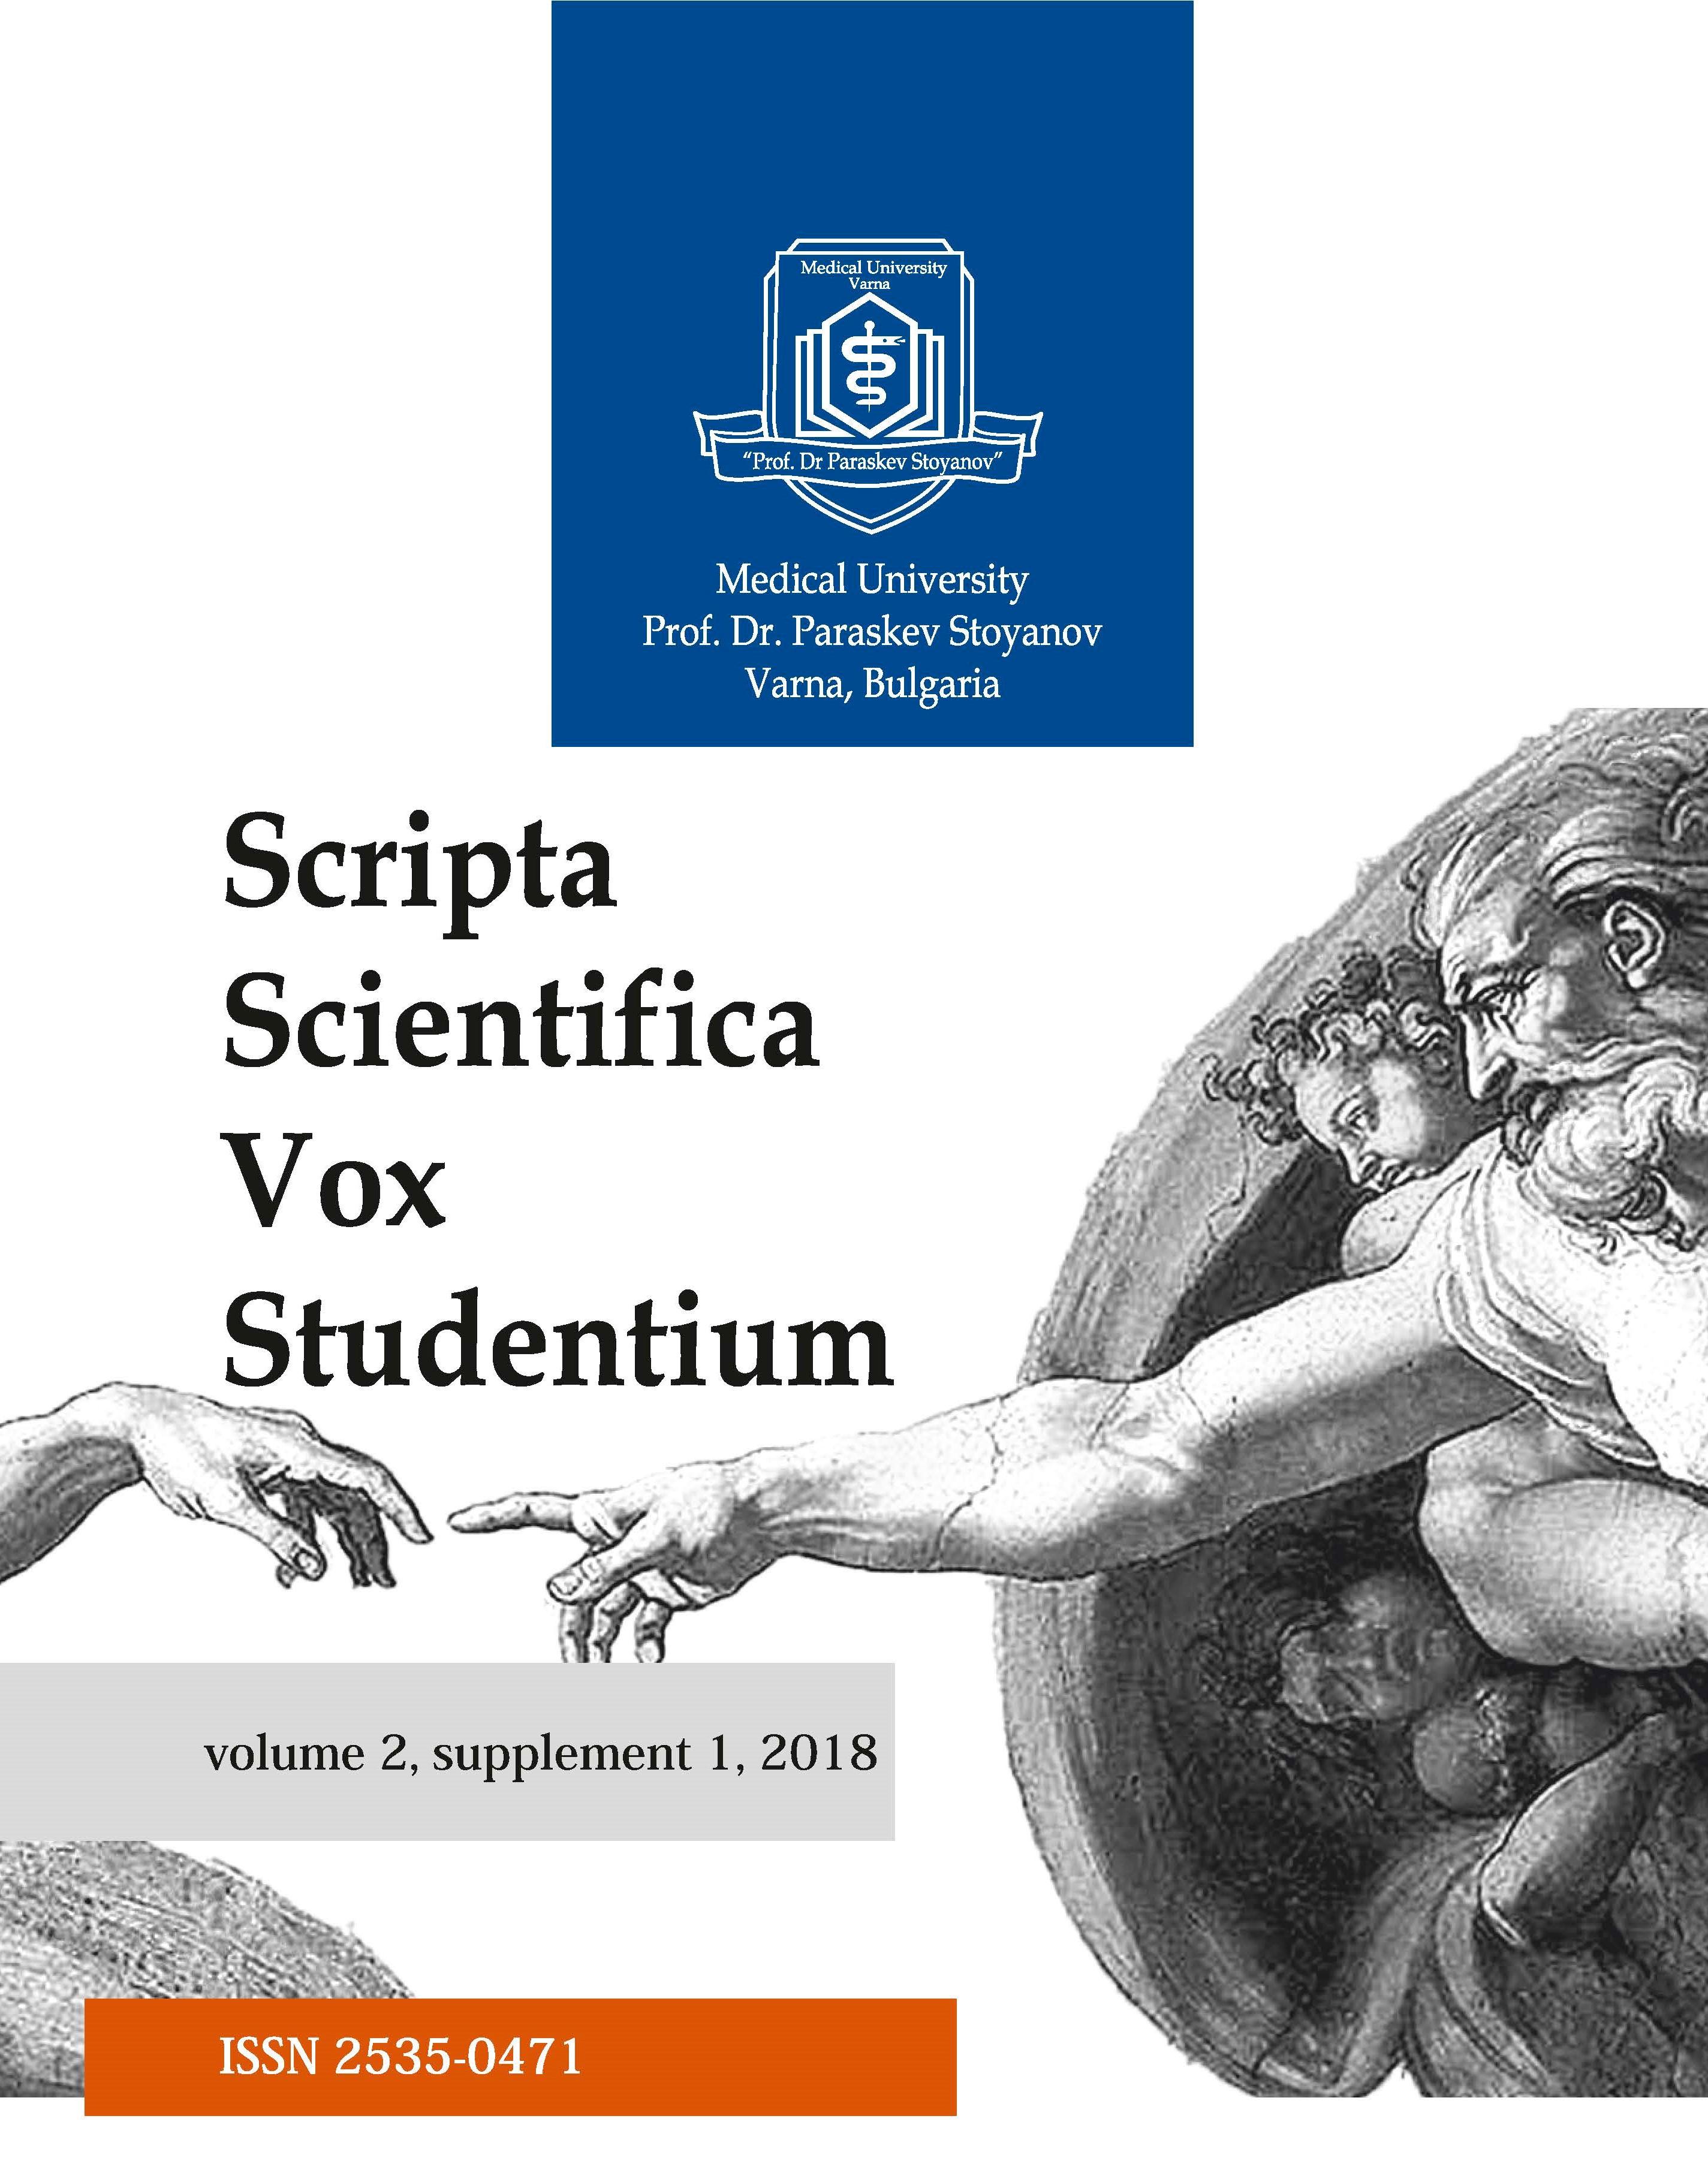 Прочетете онлайн резюметата от предстоящия VI Черноморски симпозиум за млади учени в сферата на биомедицината